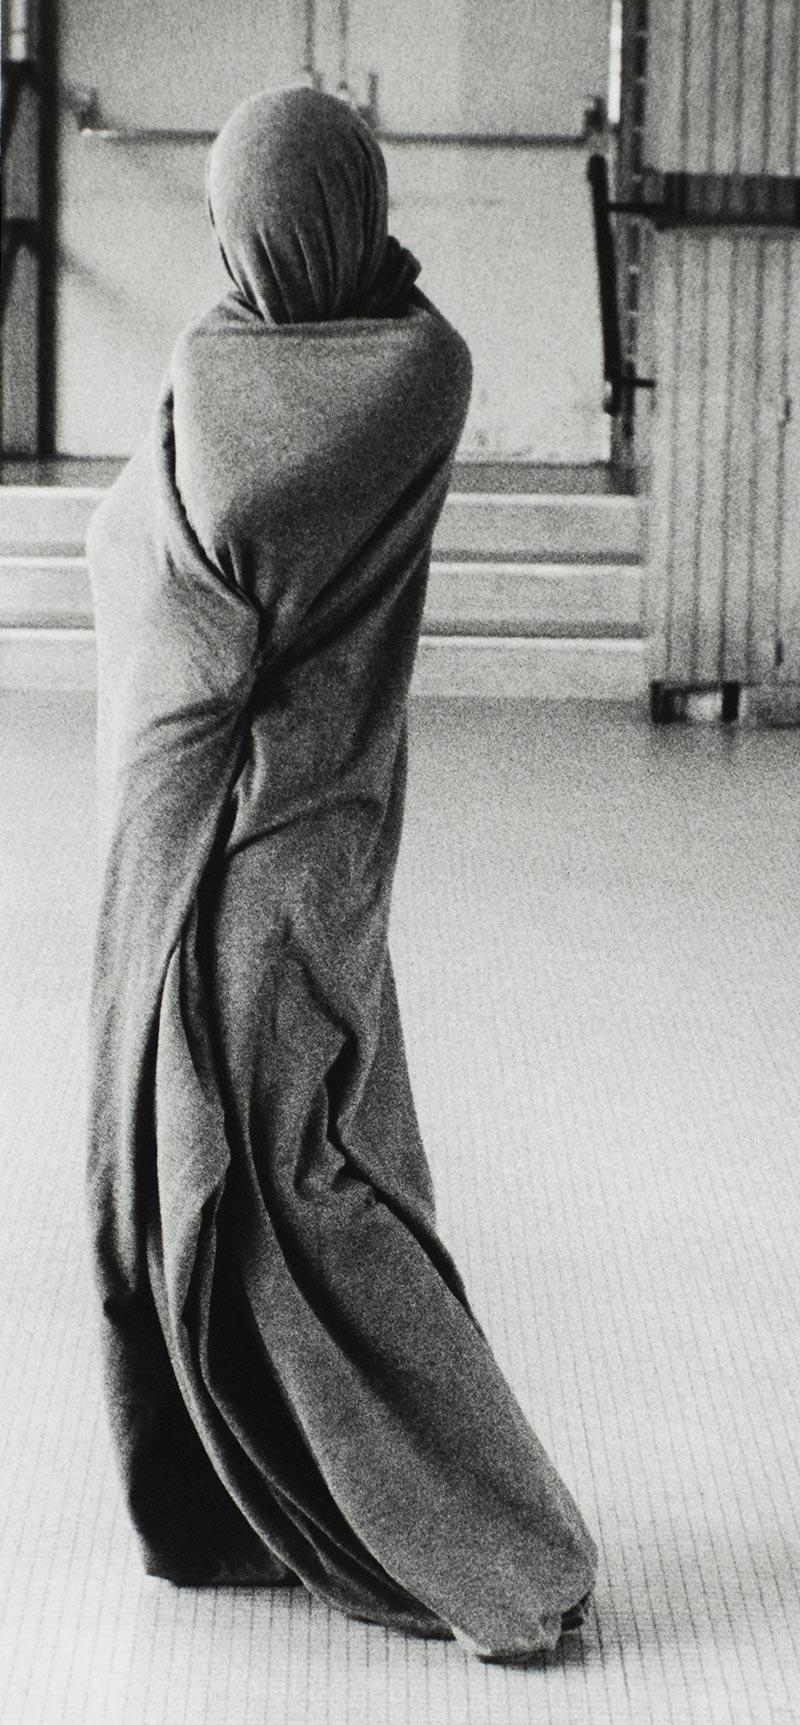 Galerie photos artistiques d'art noir et blanc je suis un tube, galerie photo artistique d'art contemporain je suis un tube, collection série photographie d'art artistique je suis un tube signée Florence boisson, artiste photographe, florence boisson photographe et modèle, photo femme statue, photo voile femme, photo studio intérieur, photo danse et expression corporelle, Florence Boisson photographie du mouvement et du corps, photographie de l'invisible de la sensibilité, photo femme voile hommage à Isadora Duncan, Loïse Fuller, photo intérieur studio, photographie femme voile, photographie femme statue, Florence Boisson photographe artiste, photographie d'art contemporain noir et blanc Photos d'art contemporain moderne, photographie art femme contemporain et moderne Florence Boisson